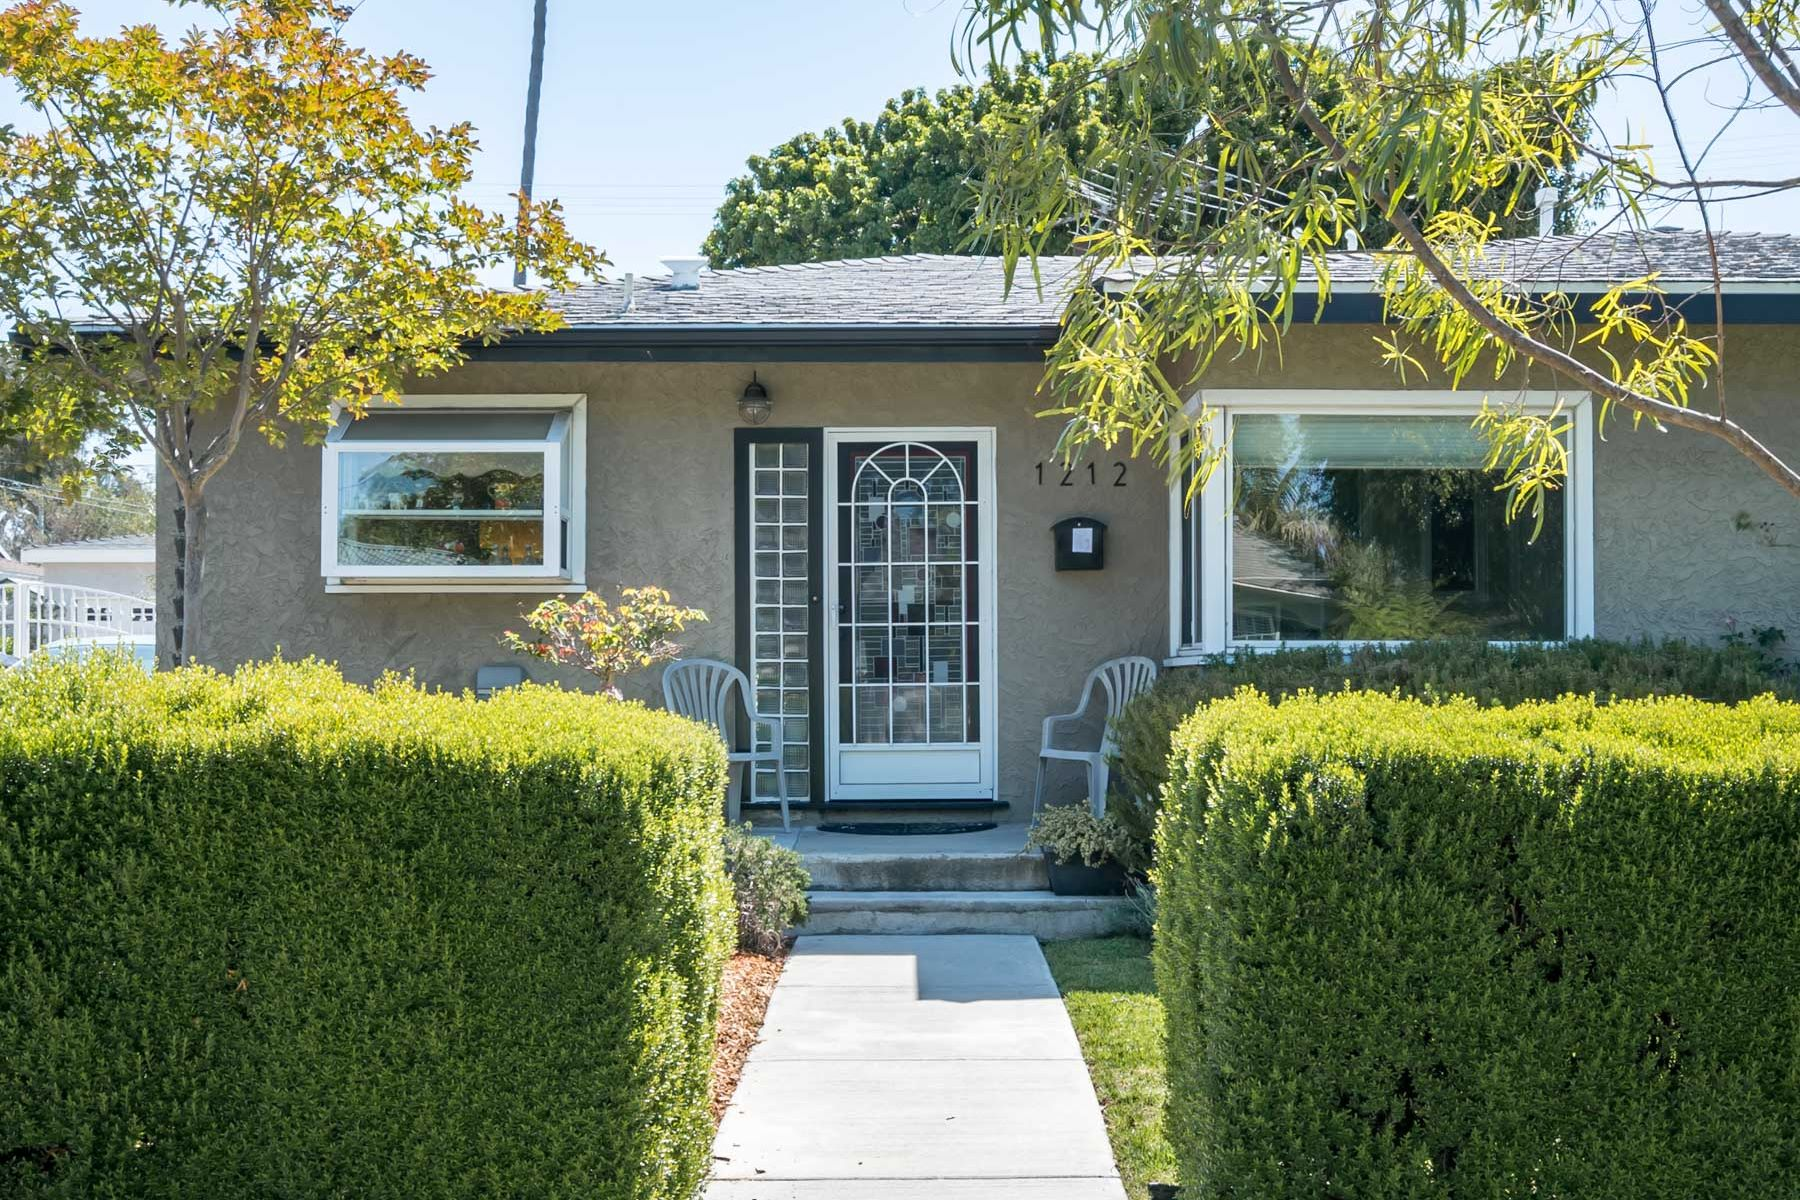 Maison unifamiliale pour l Vente à 1212 Felbar Av, Torrance 90503 1212 Felbar Ave Torrance, Californie 90503 États-Unis